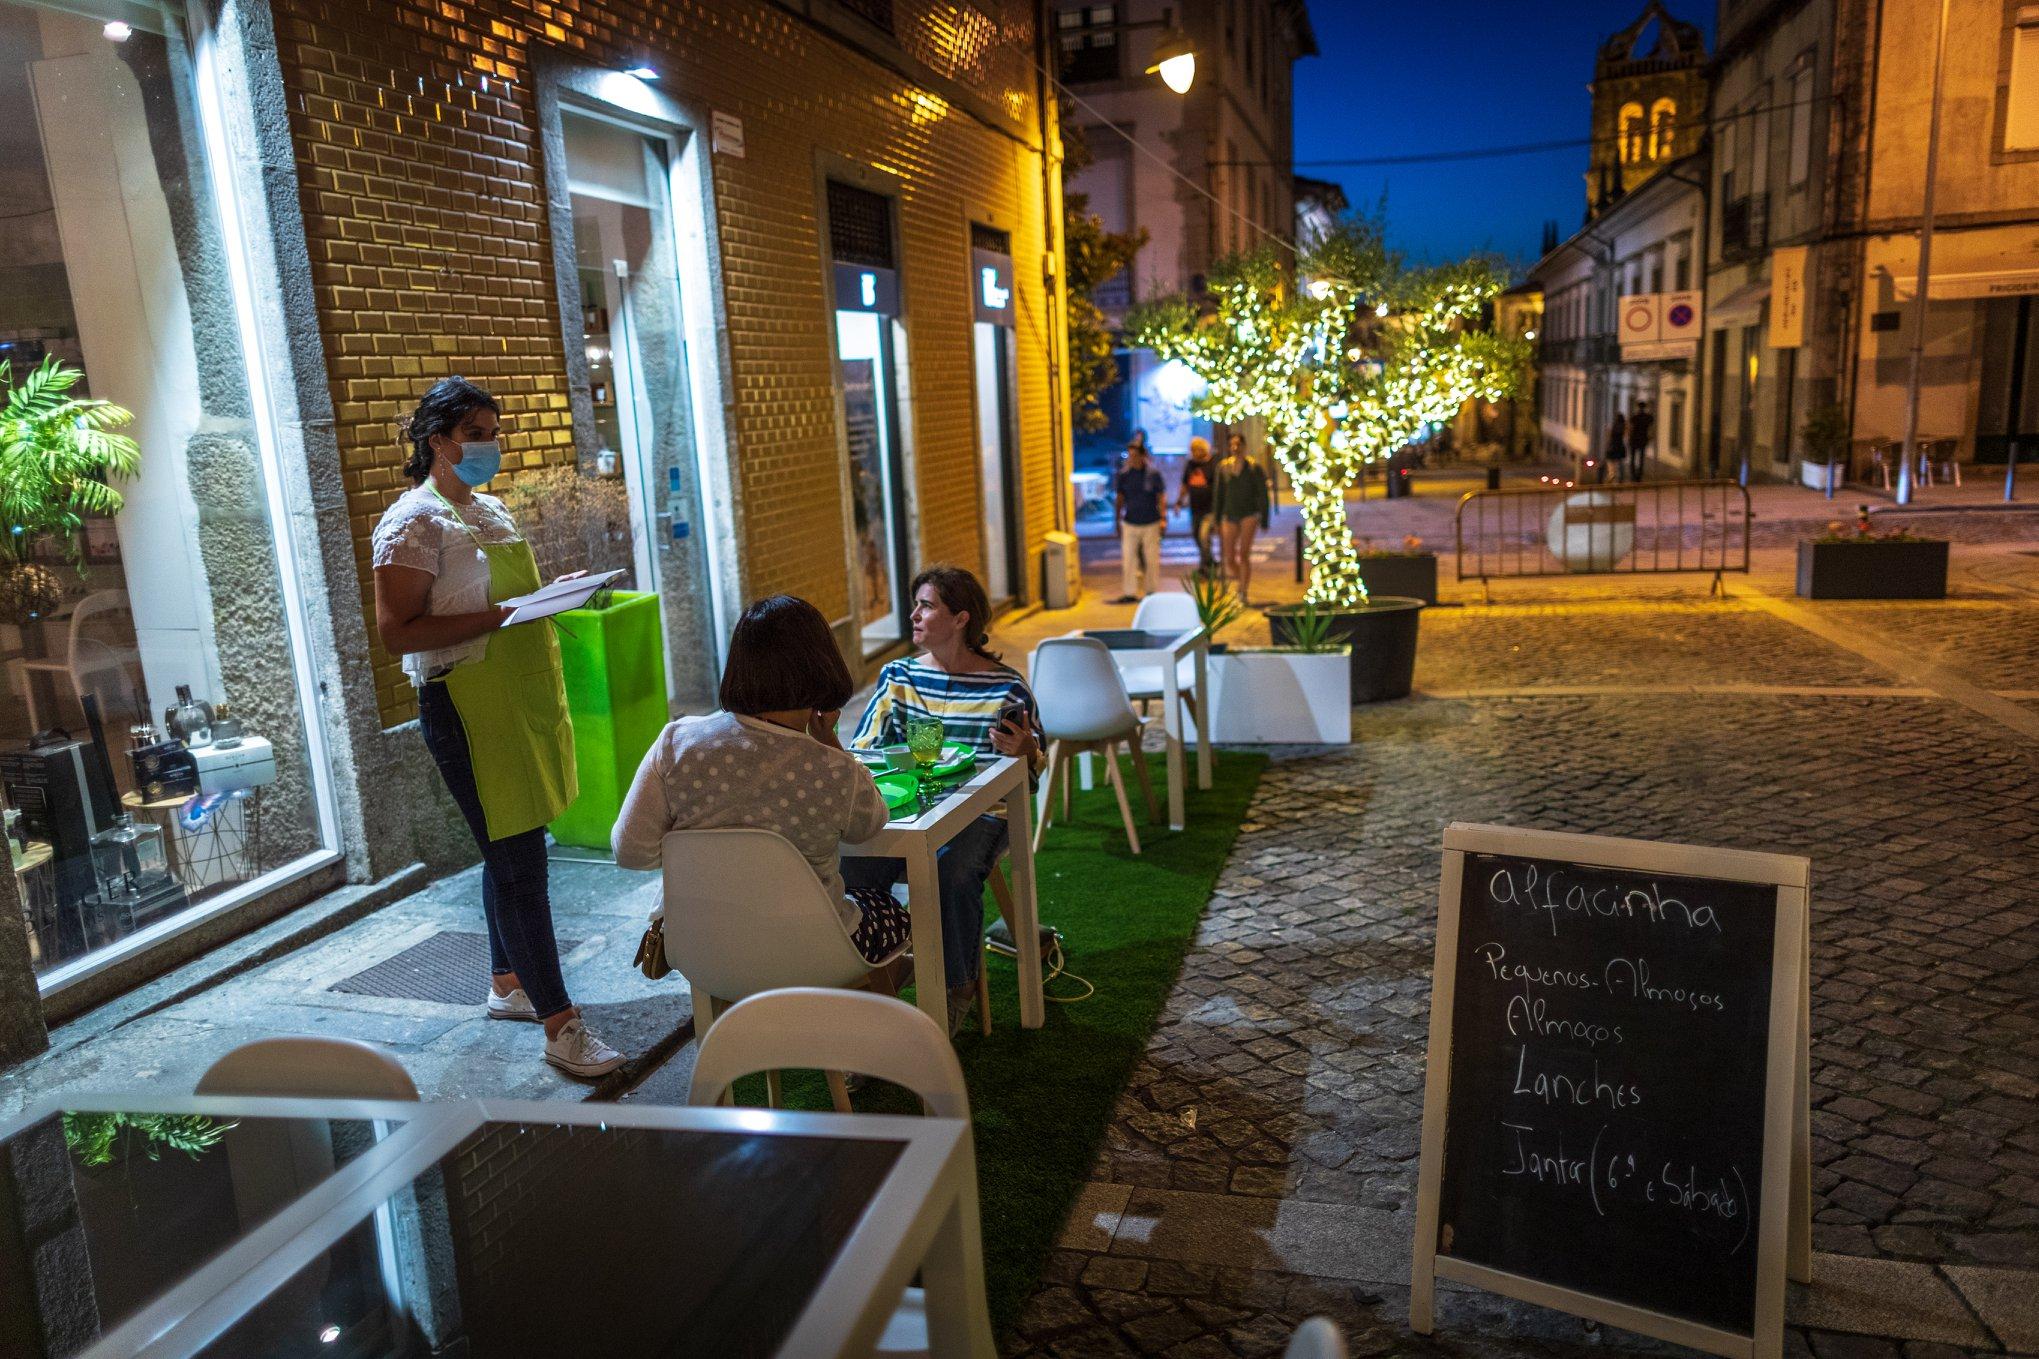 Braga suspende licenças de esplanadas e ocupação do espaço público no dia 24 de Dezembro